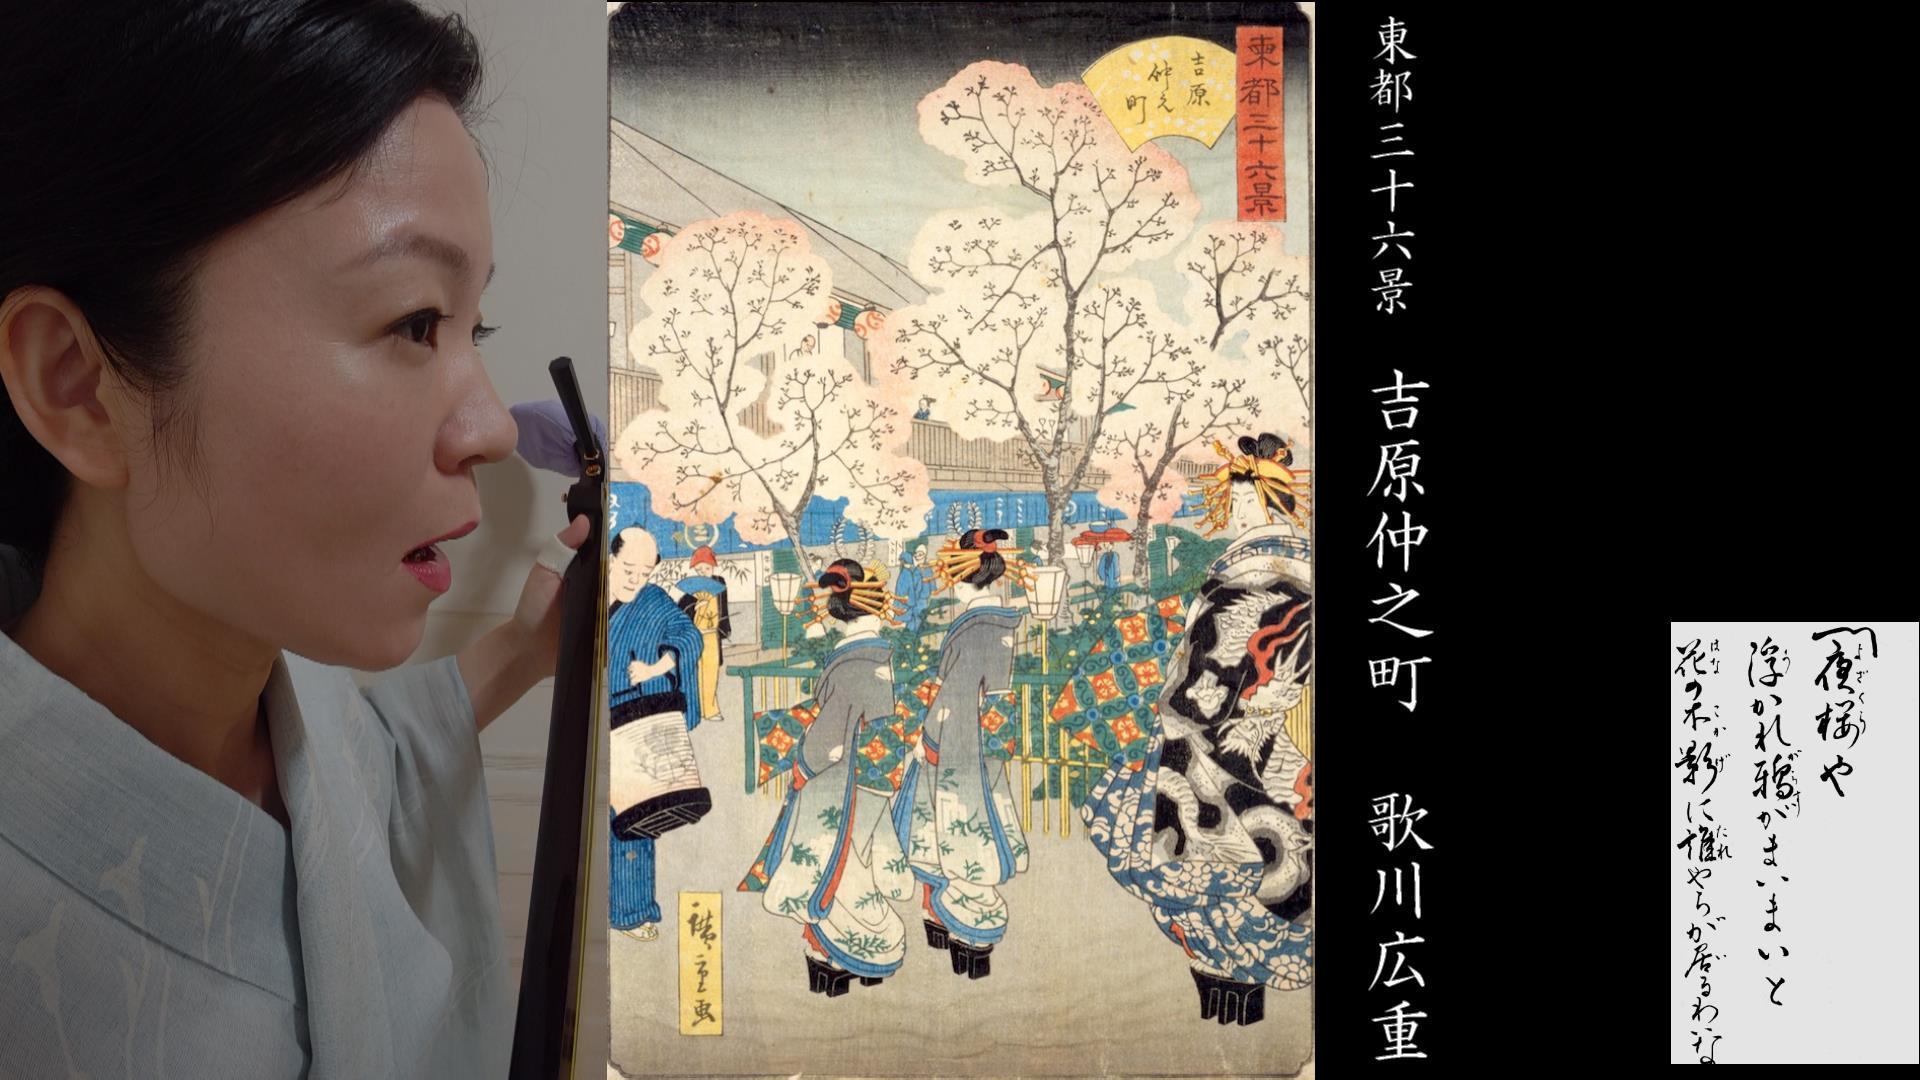 江戸小唄と共に隅田川と吉原を散策する_e0189104_22234548.jpg